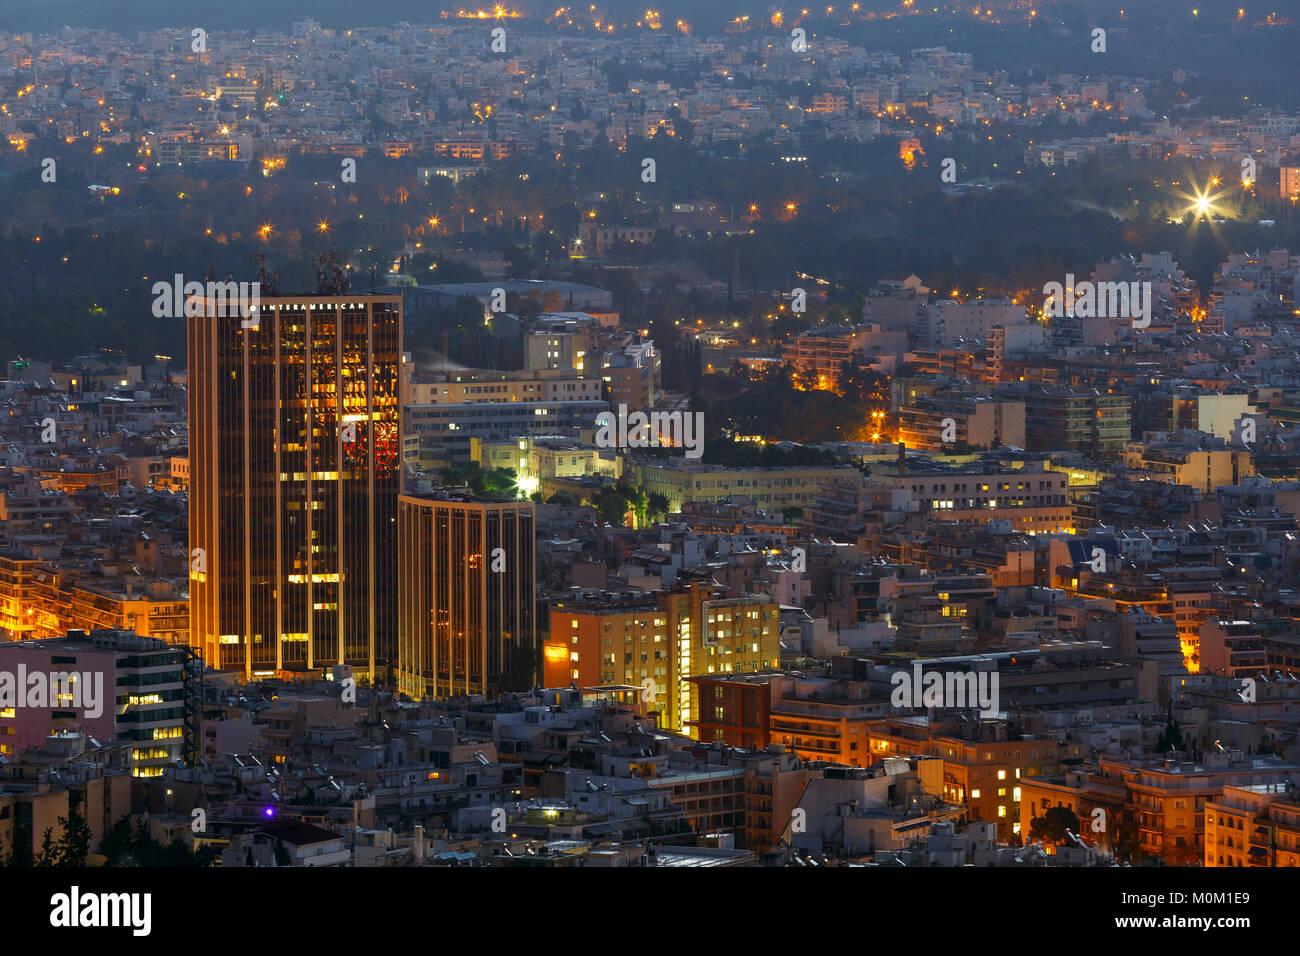 Vista di Atene dal Colle Lycabettus all'alba, Grecia. Immagini Stock